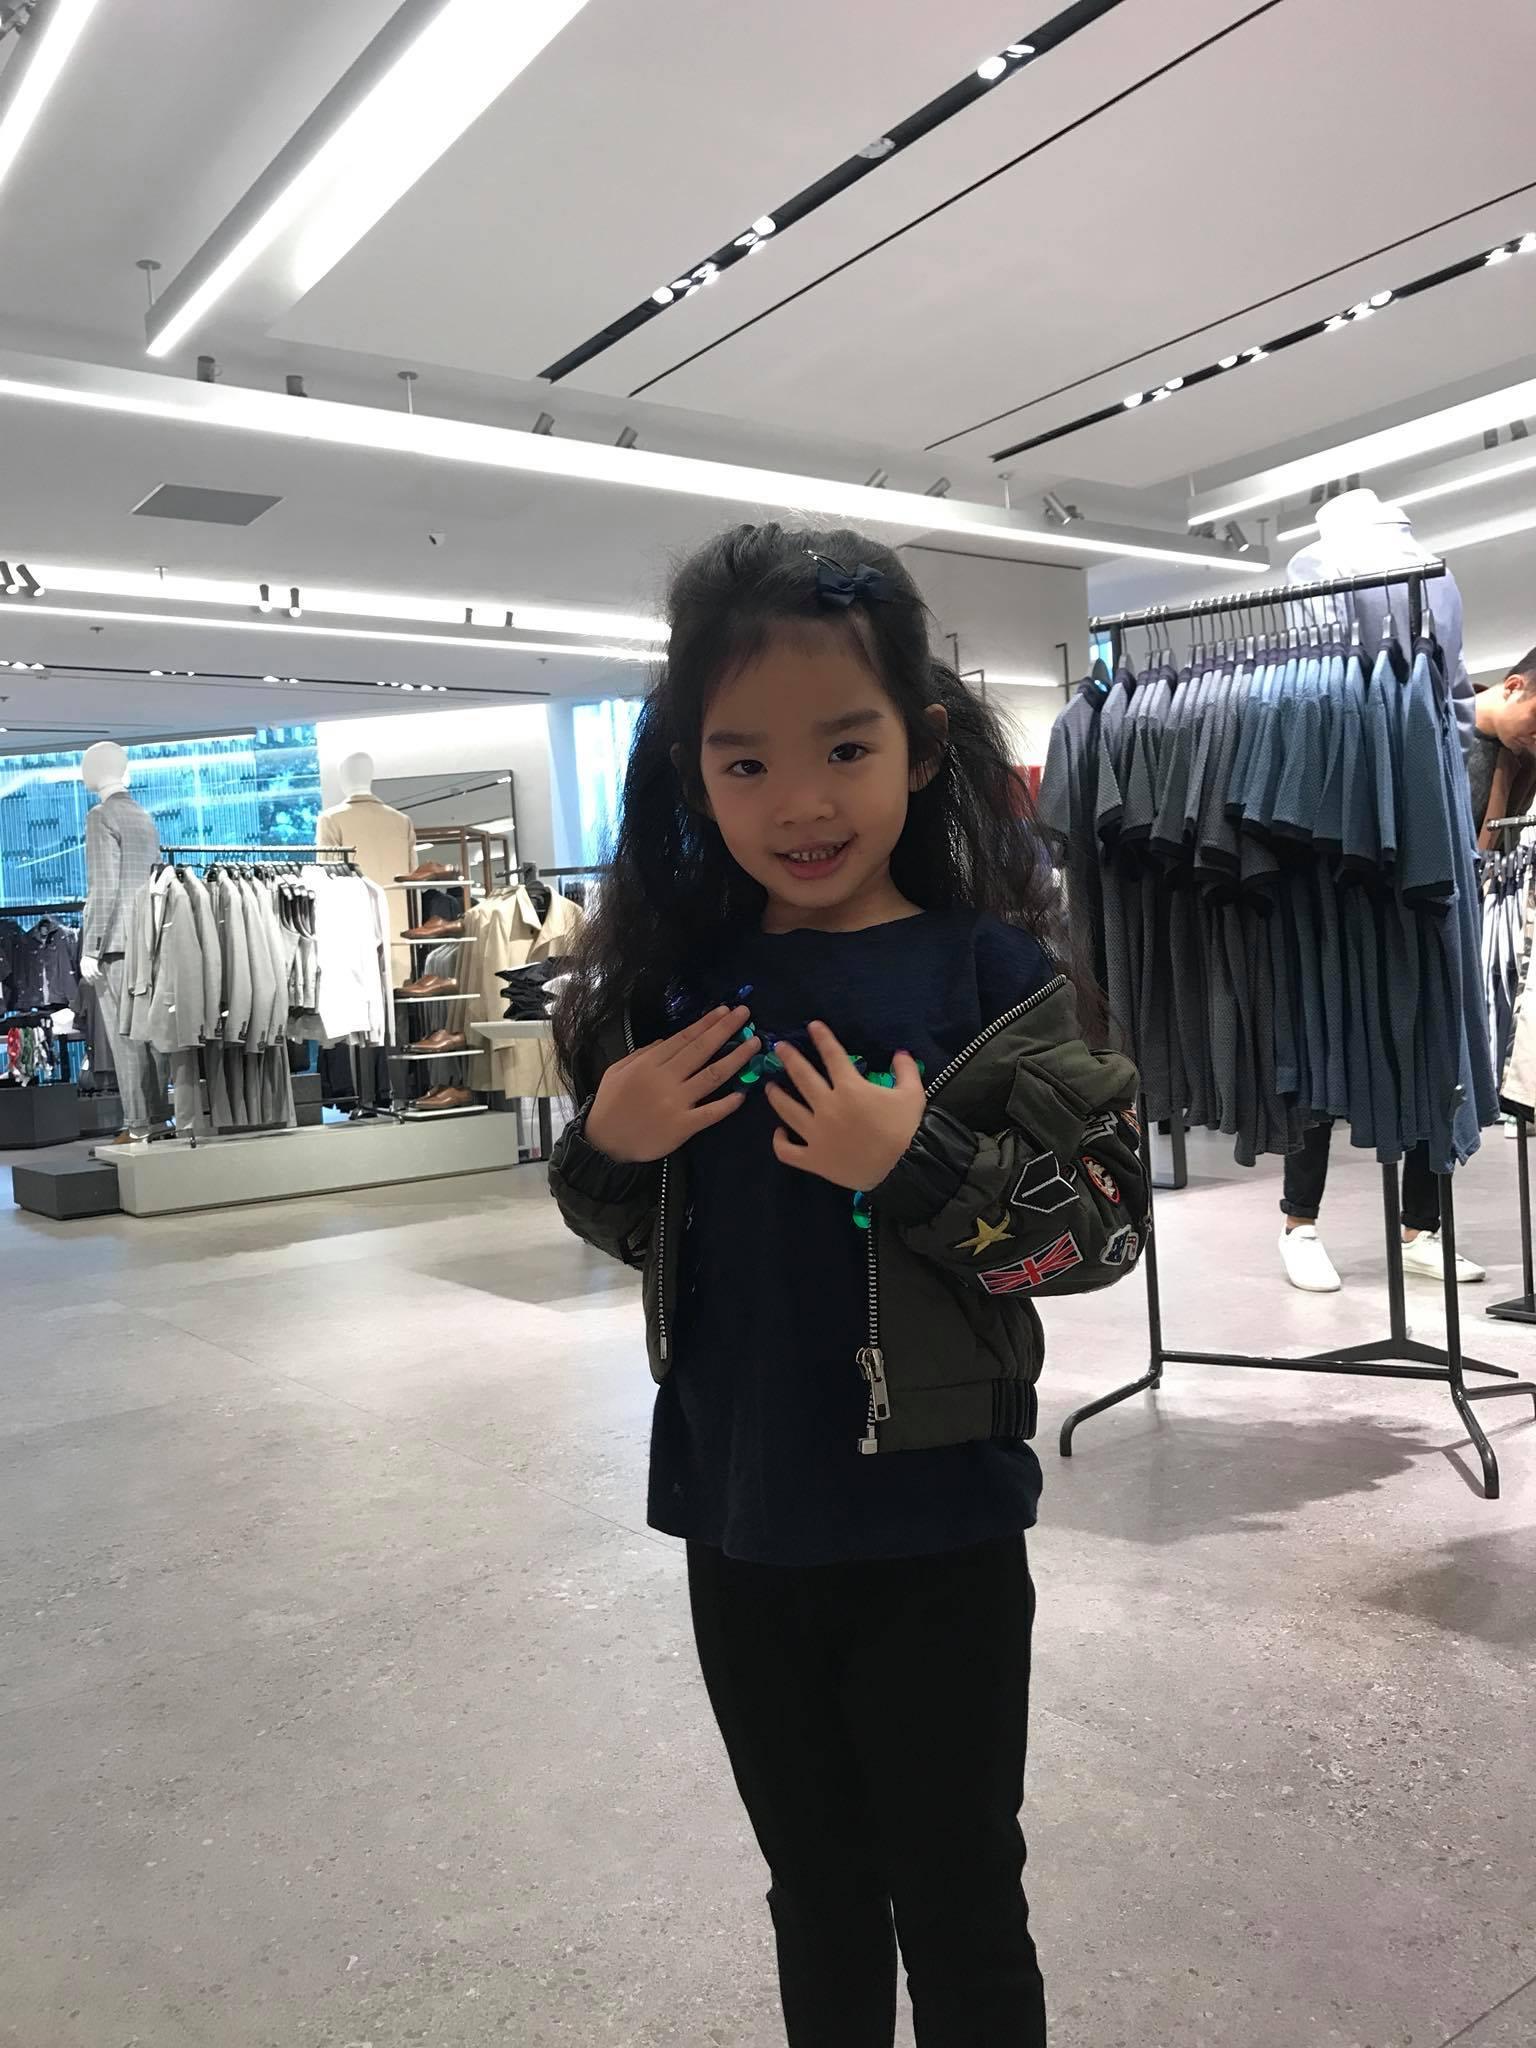 Mới 5 tuổi, bé Thỏ nhà siêu mẫu Xuân Lan đã bộc lộ tố chất người mẫu-1